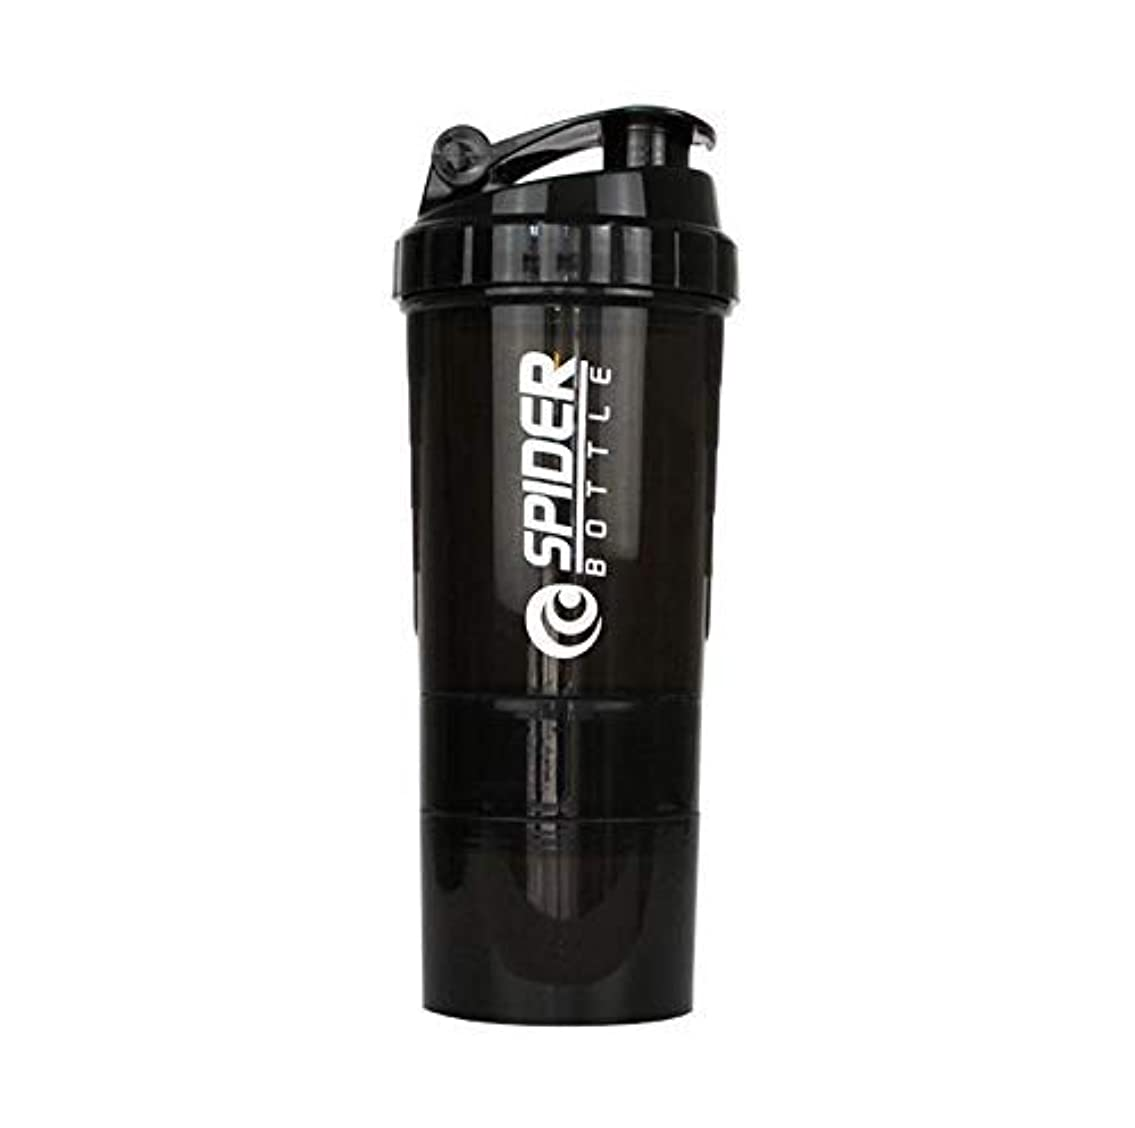 熟す球体求めるブレンダーボトル プロテインシェイカー 500ml シェーカーボトル (ブラック)